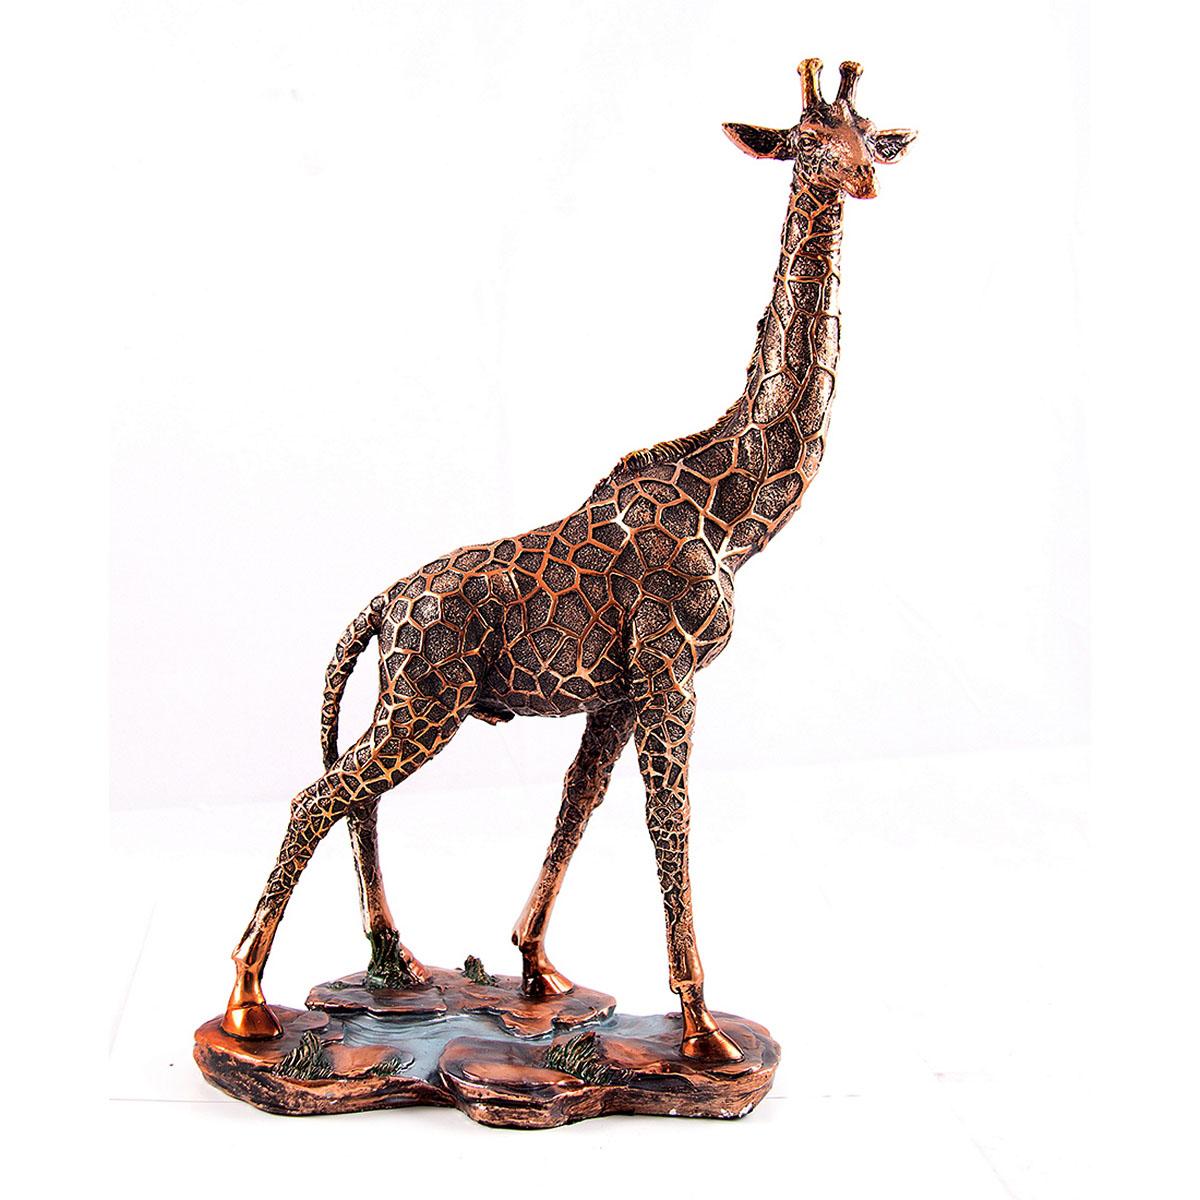 Статуэтка Русские Подарки Жираф, 25 х 37 смTHN132NСтатуэтка Русские Подарки Жираф, изготовленная изполистоуна, имеет изысканный внешний вид. Изделие станет прекрасным украшением интерьерагостиной, офиса или дома. Вы можете поставить статуэтку влюбое место, где она будет удачно смотреться и радоватьглаз. Правила ухода: регулярно вытирать пыль сухой, мягкой тканью.